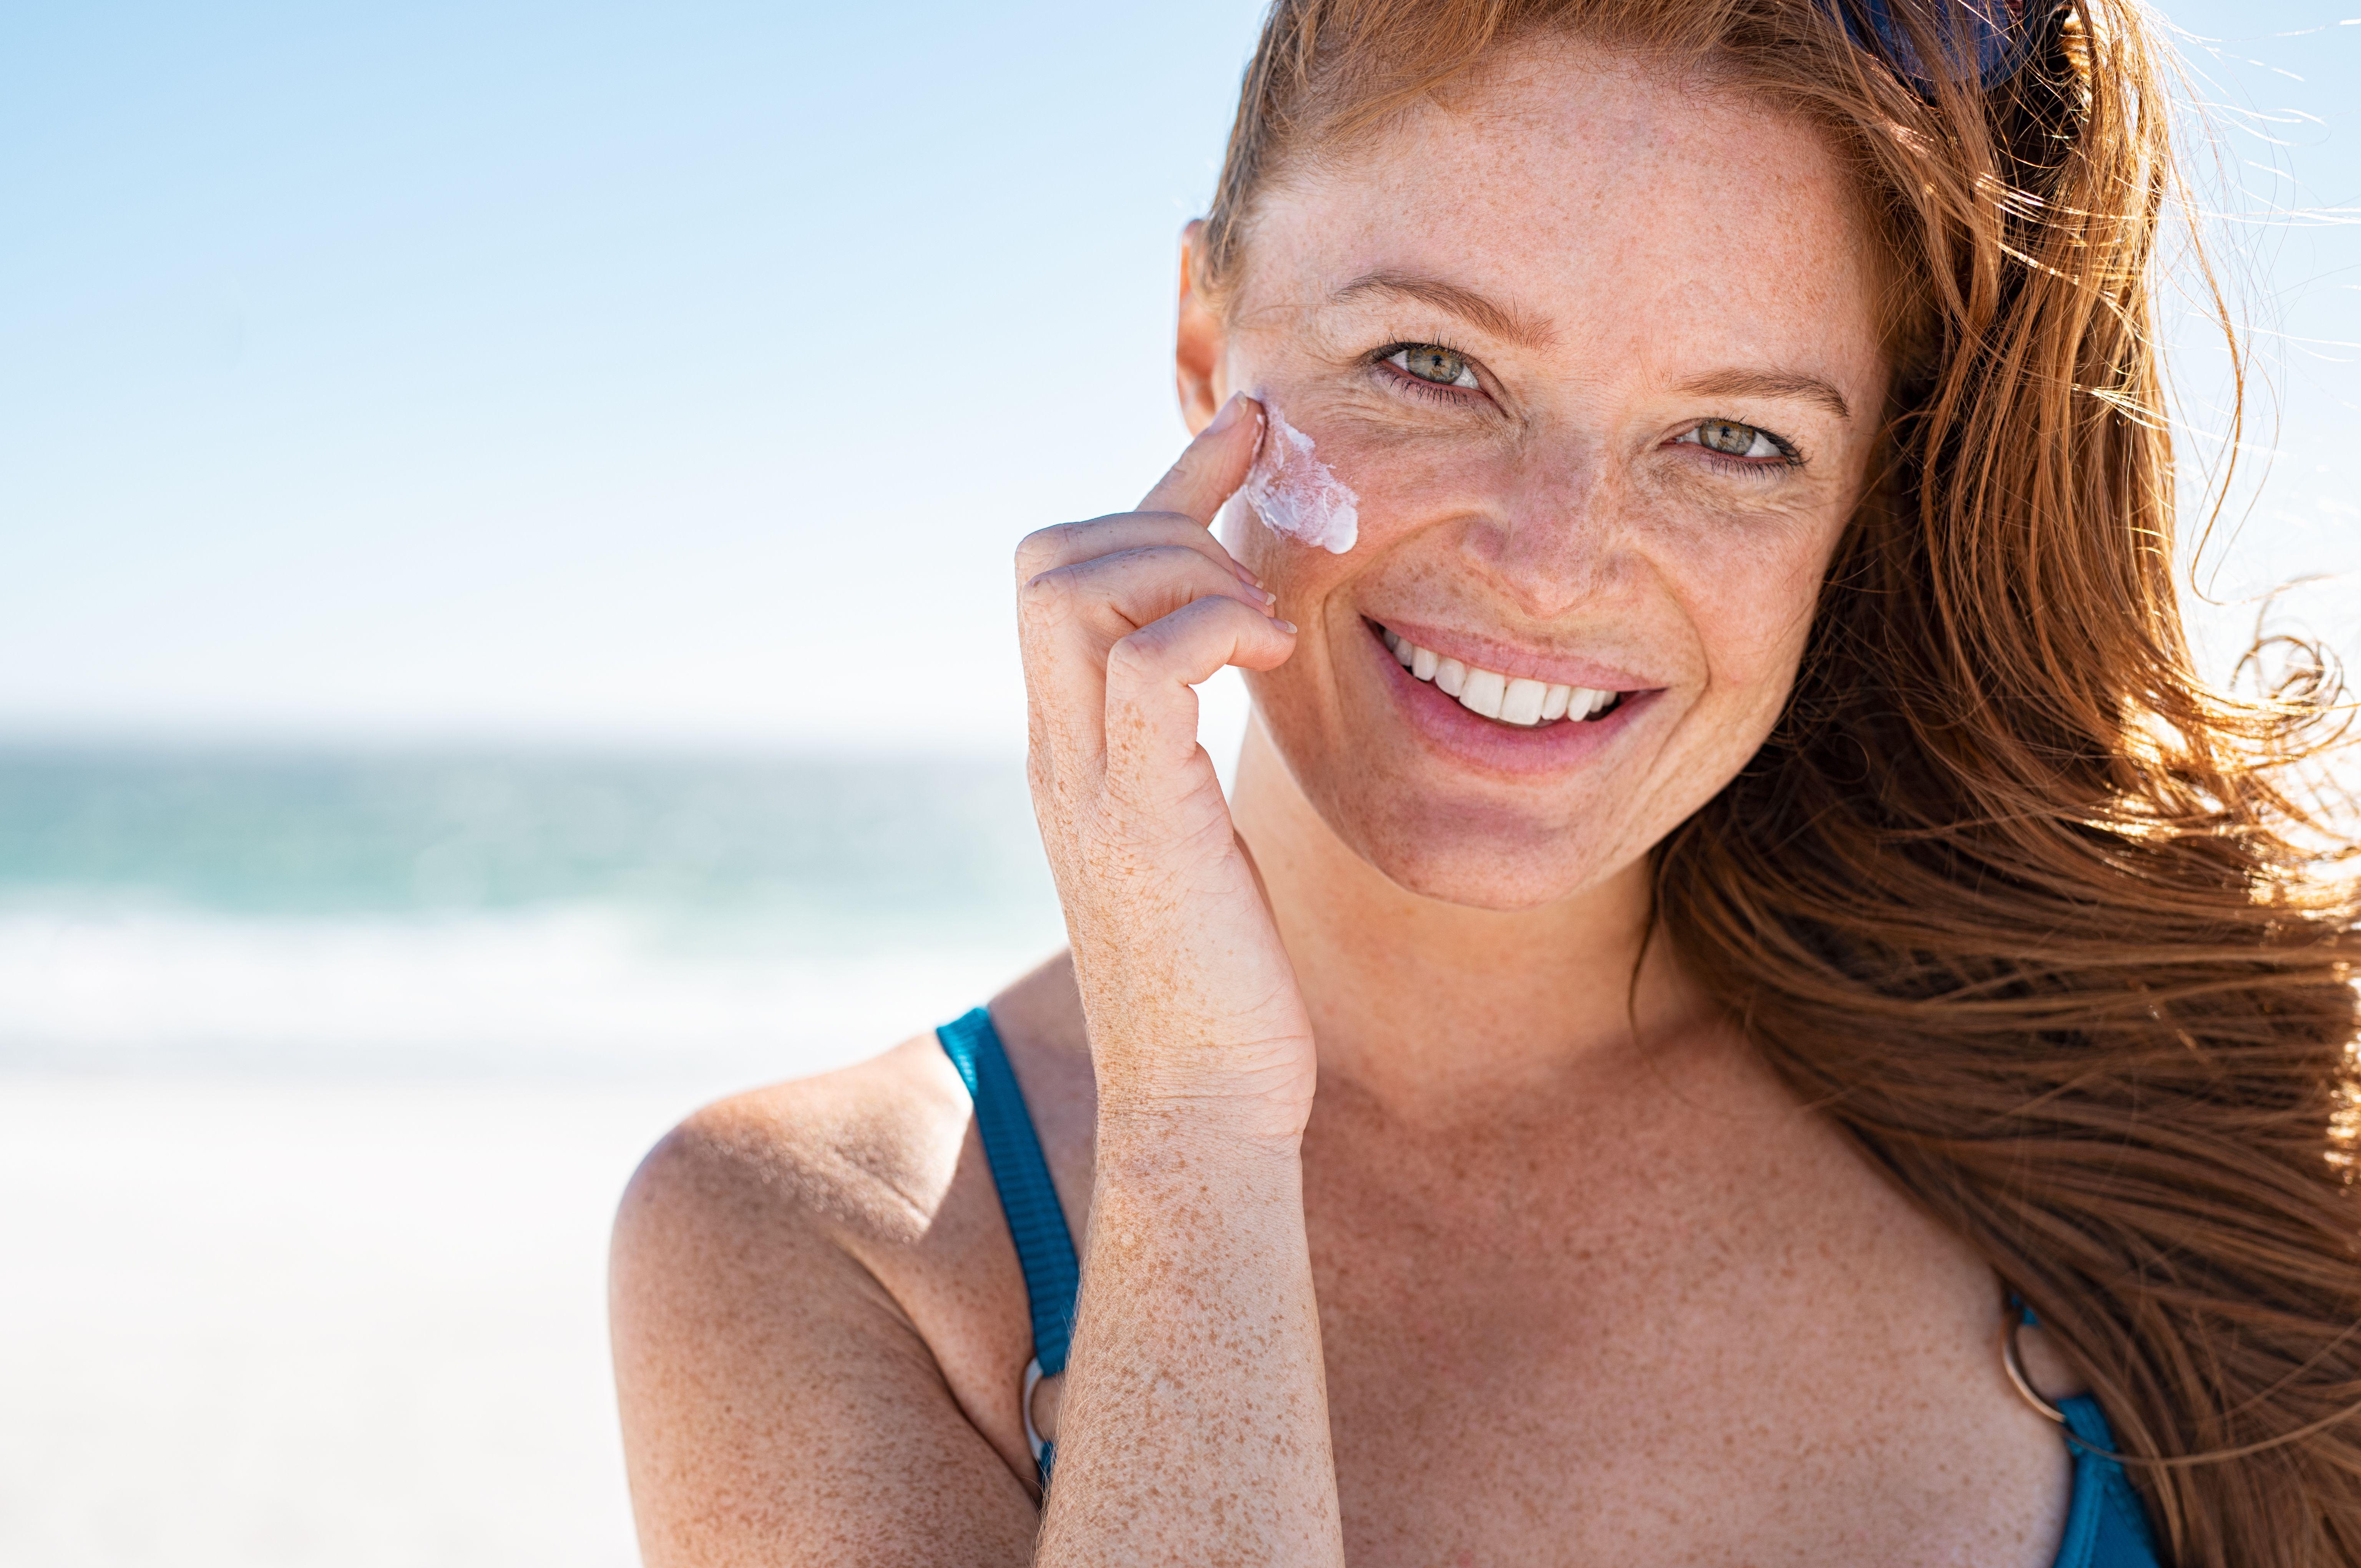 hiperpigmentacija, rjavi madeži na koži.